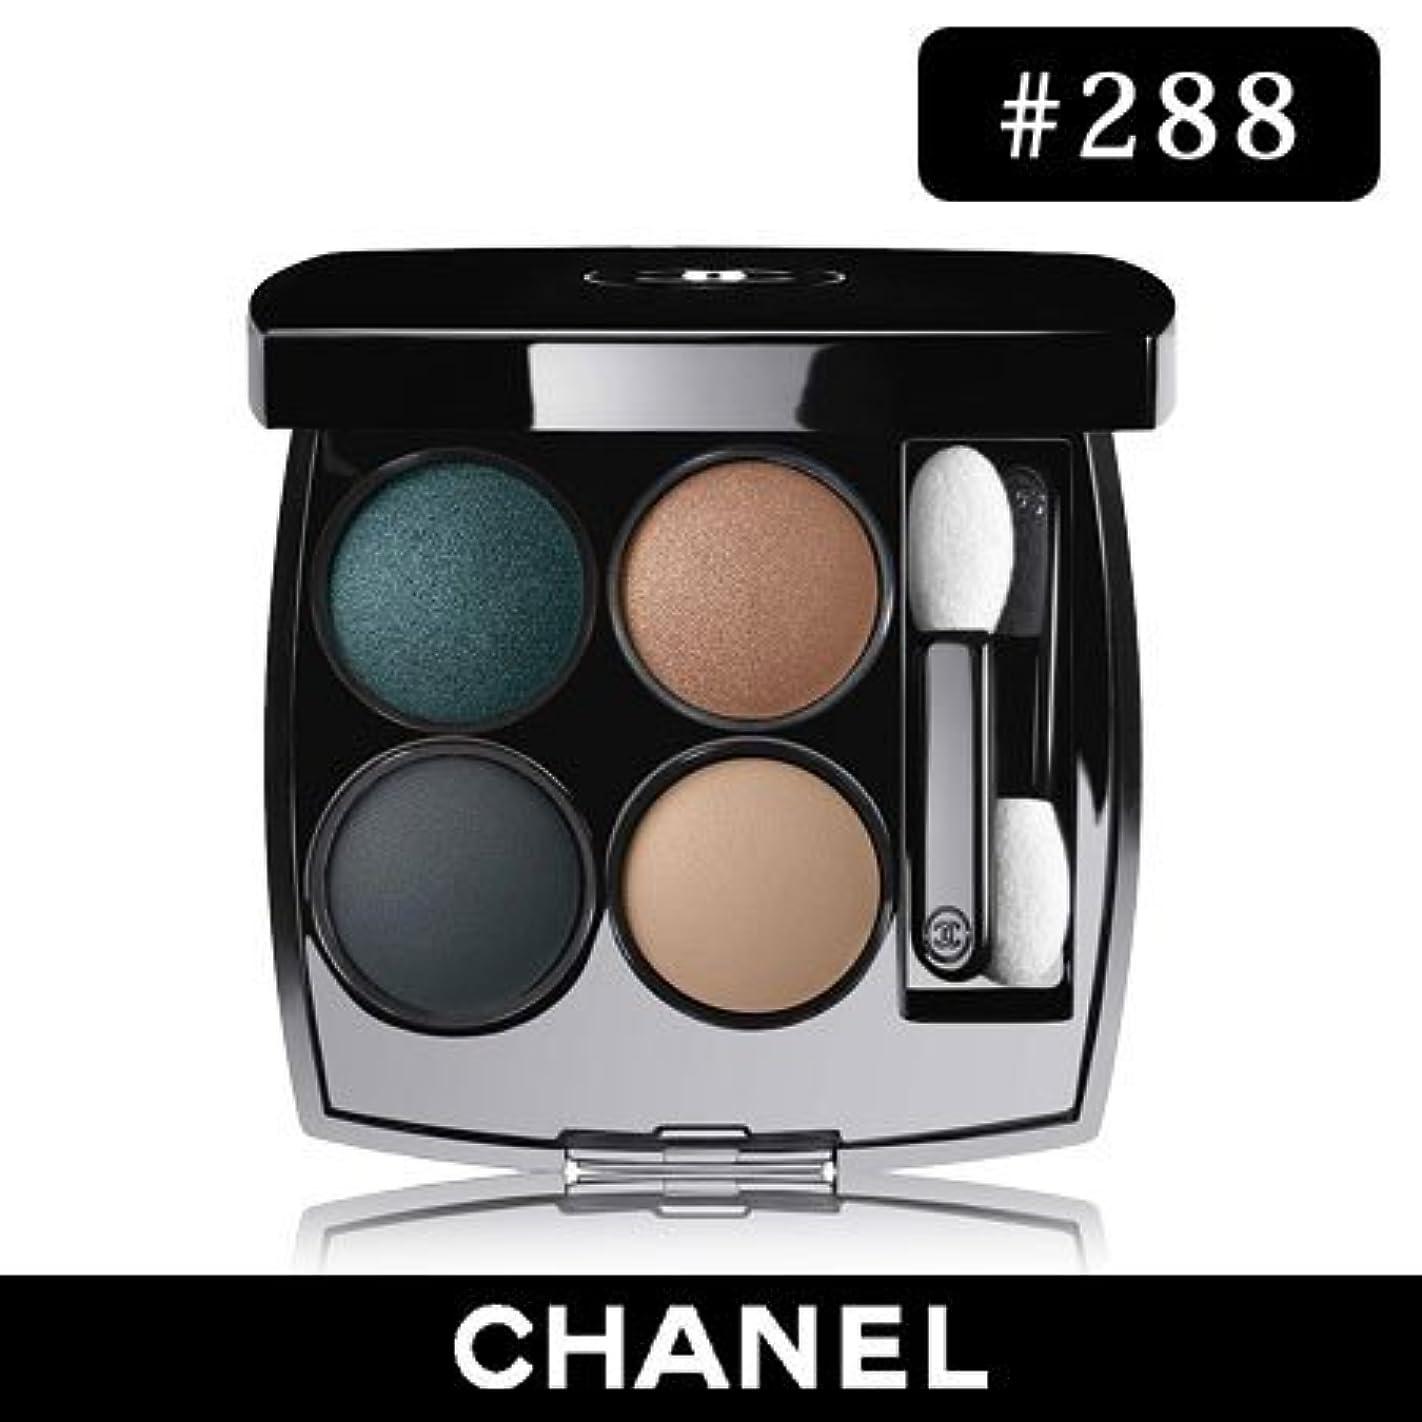 私達洗剤クラシカルシャネル レ キャトル オンブル #288 ロードムービー 新色 -CHANEL-